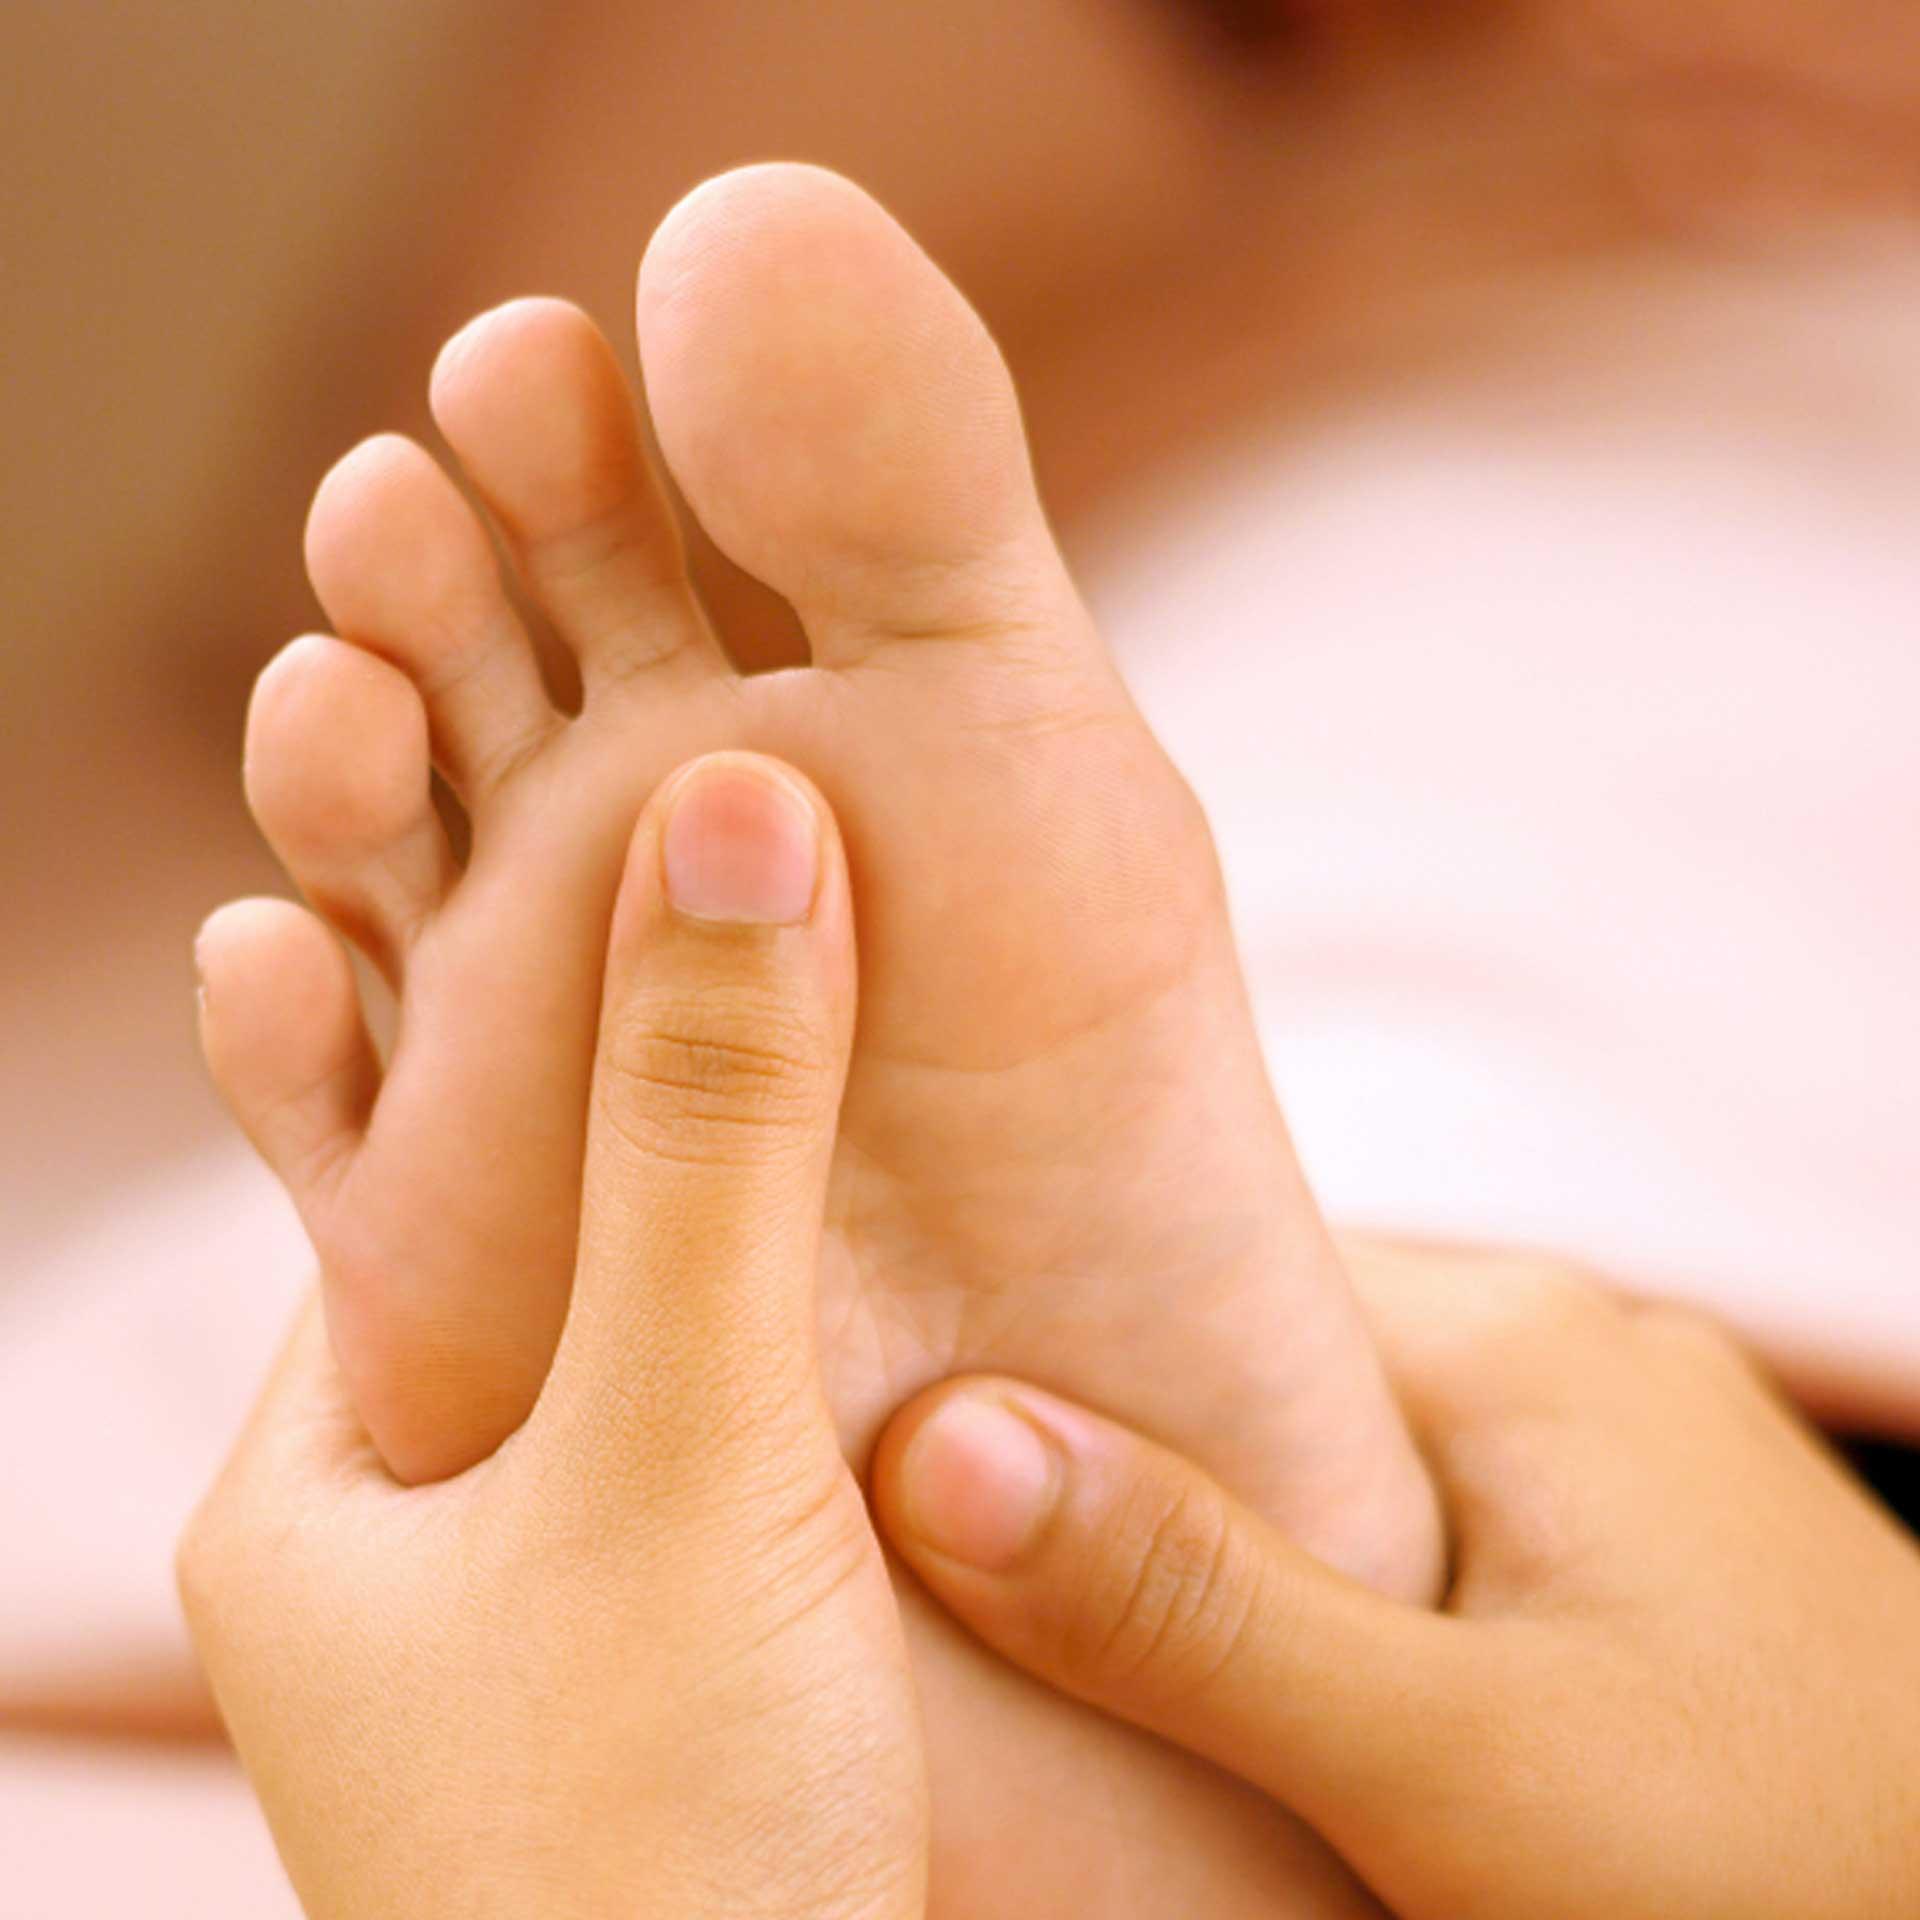 Как избавиться от болезненных натоптышей на ногах в домашних условиях